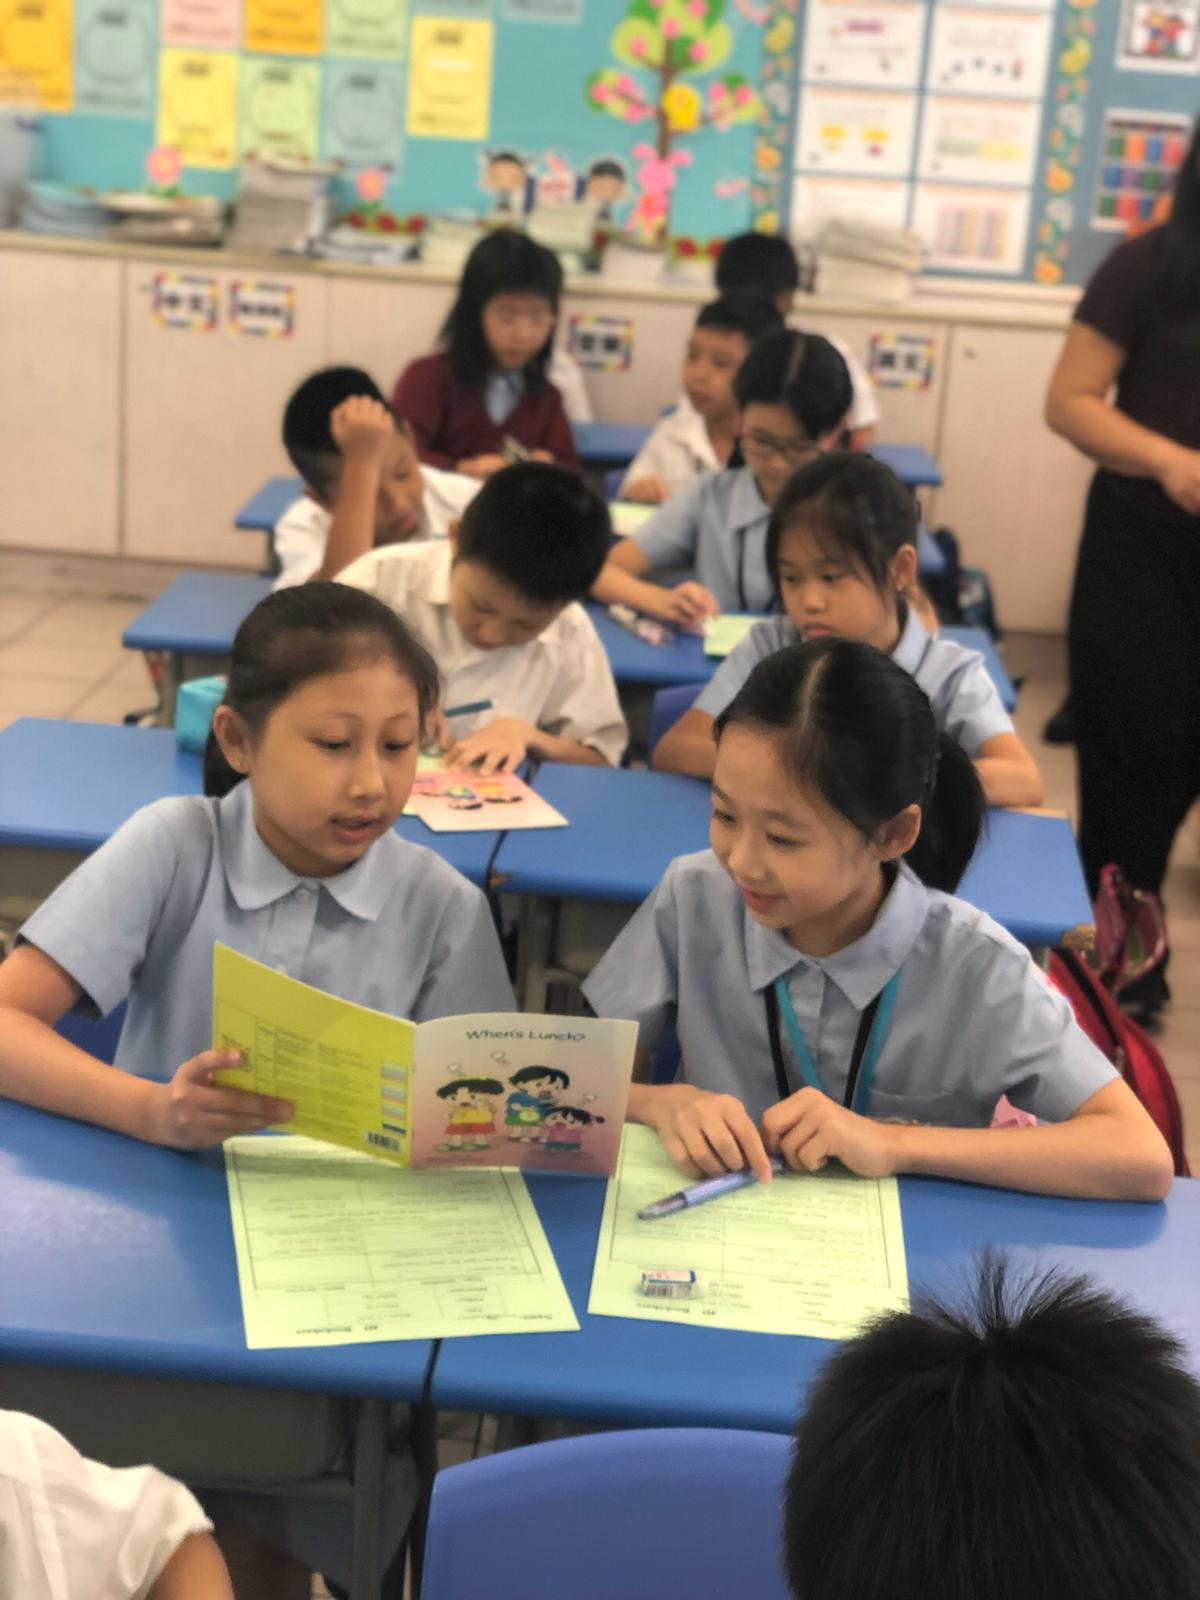 http://www.keiwan.edu.hk/sites/default/files/img-20191005-wa0021.jpg